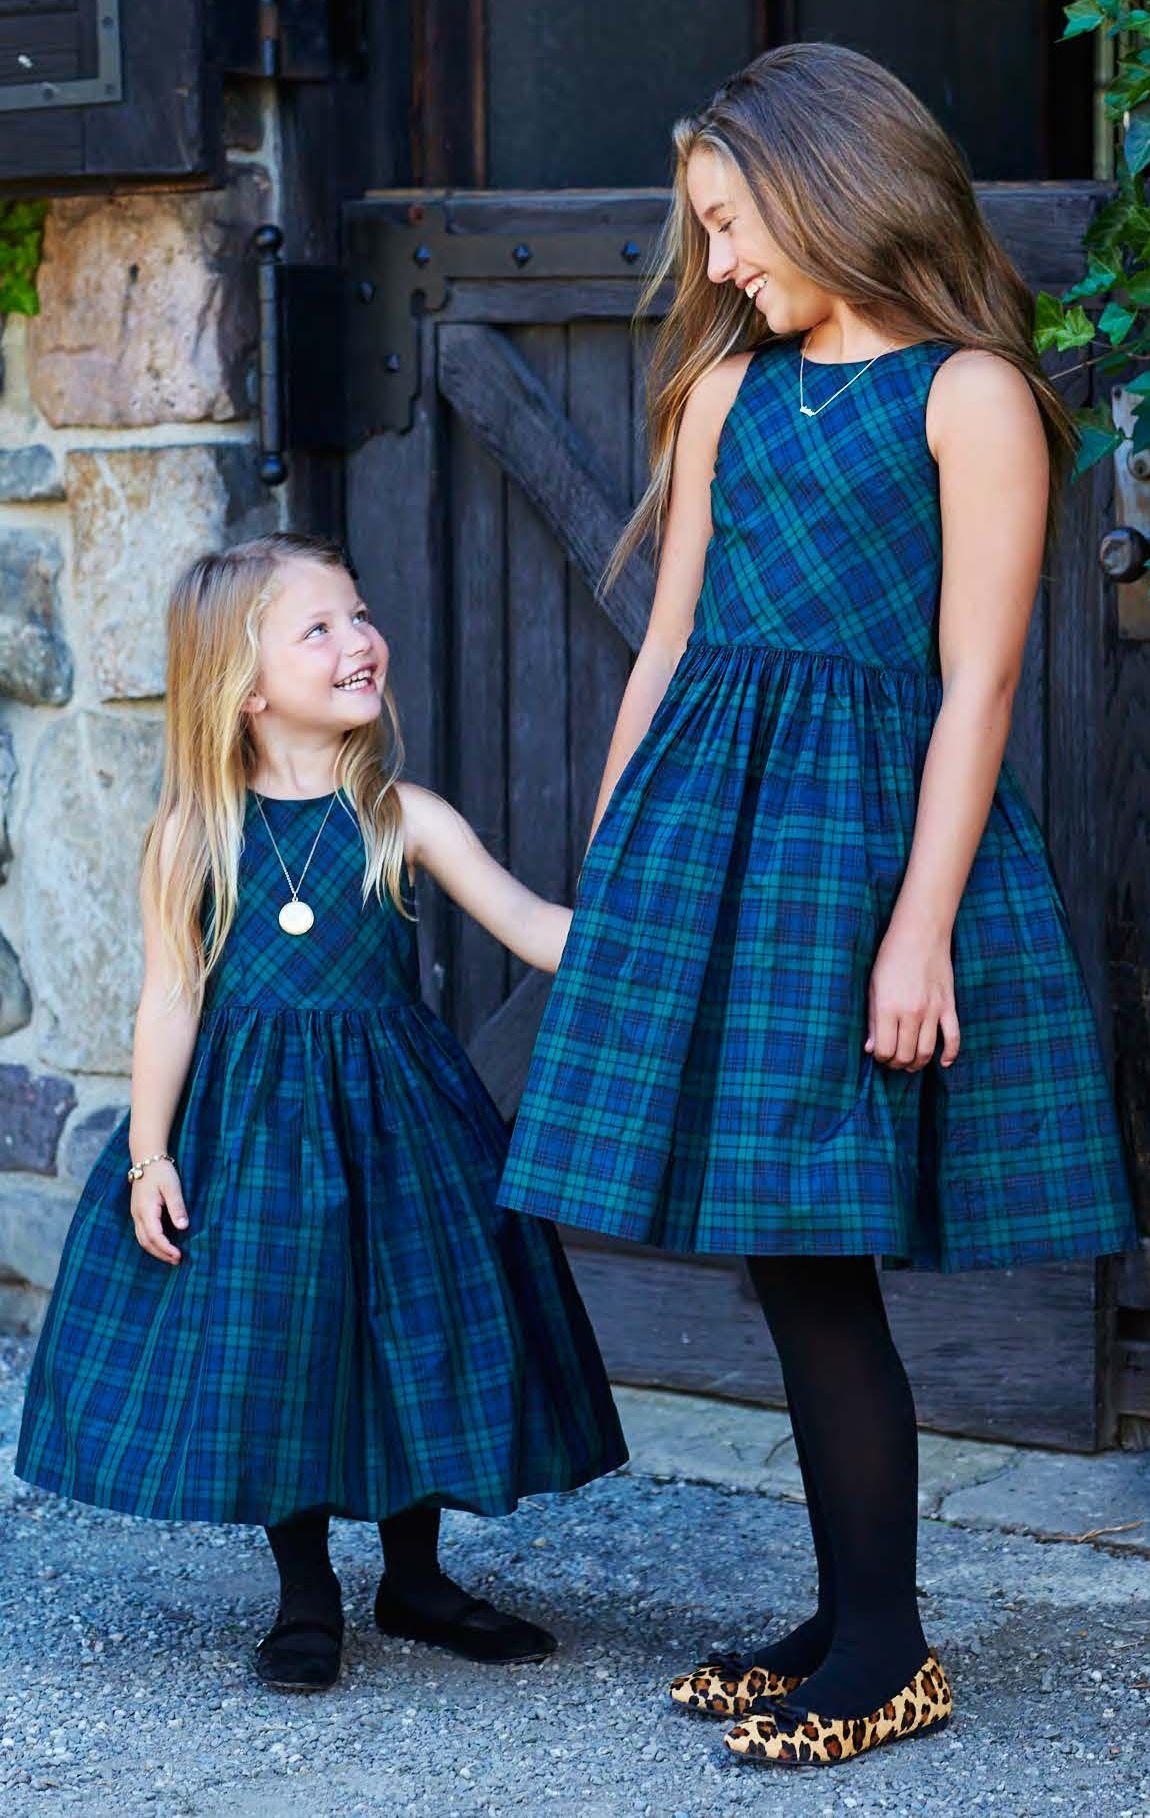 ff1d6c71b Polo Holiday Kids Plaid Silk Taffeta Dress